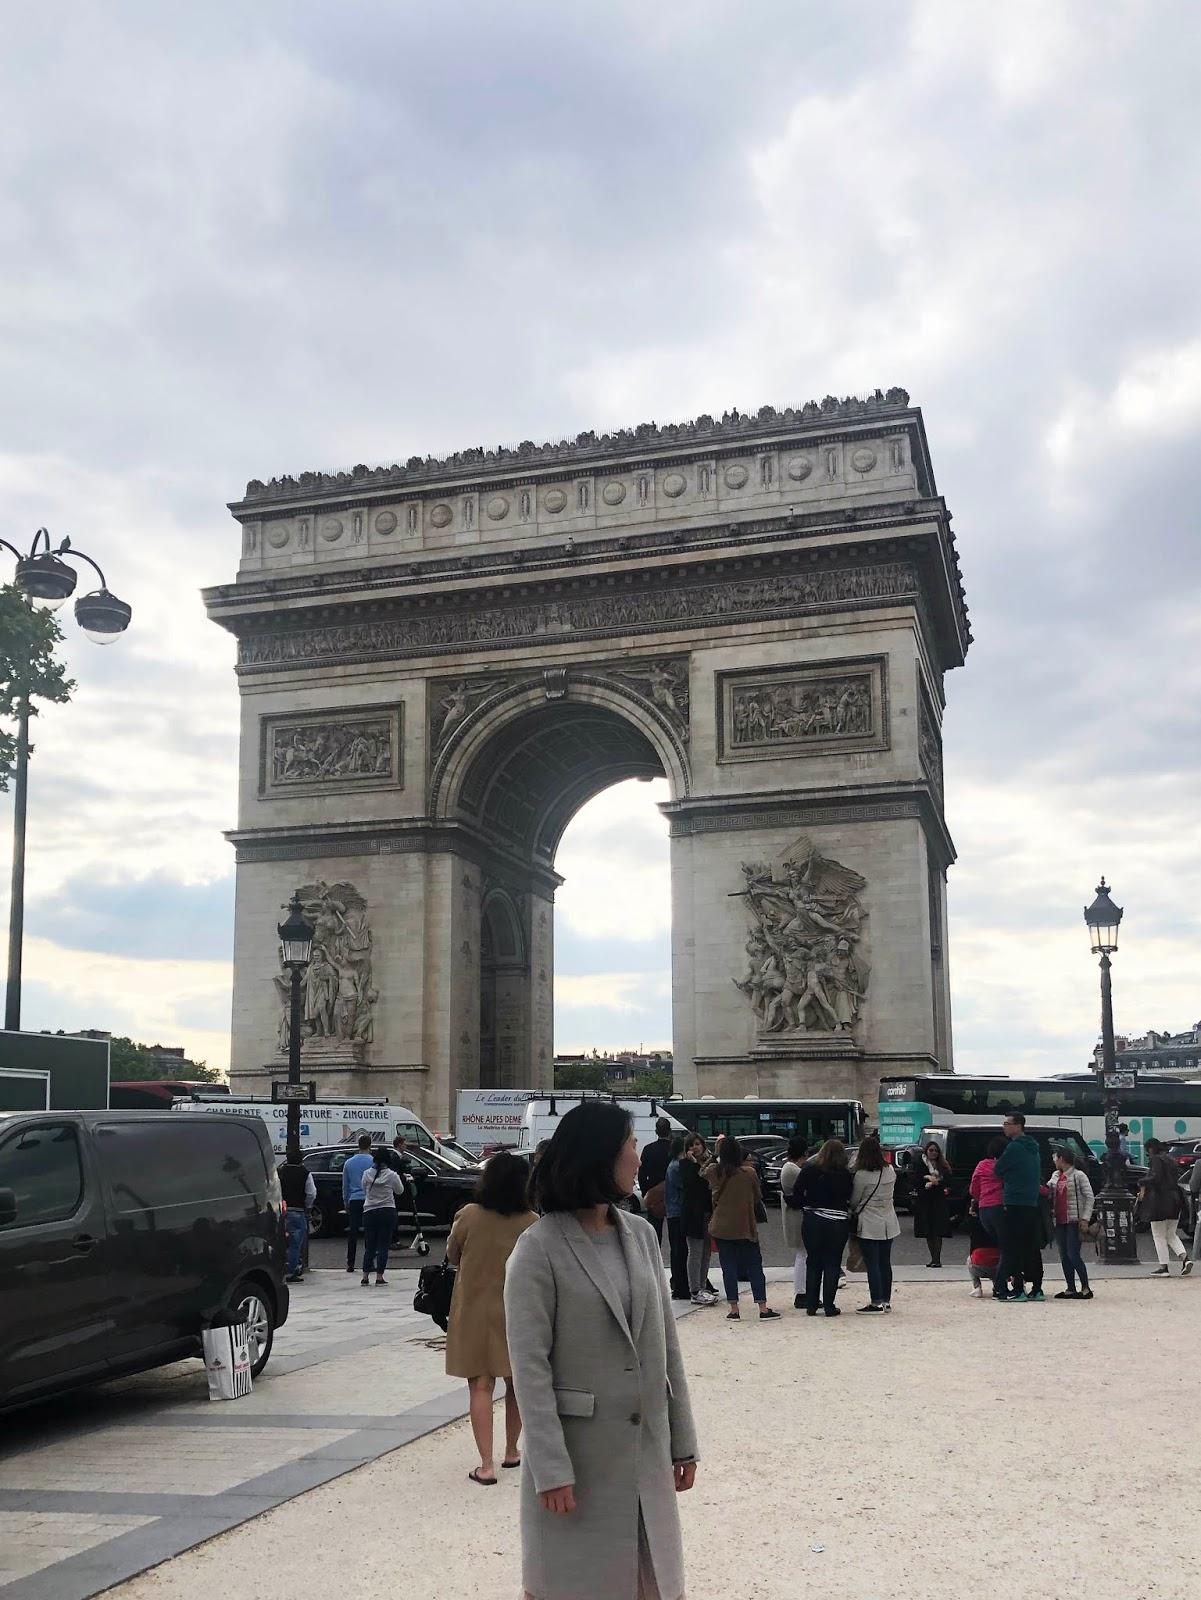 things to do in paris, paris itinerary, paris things to do